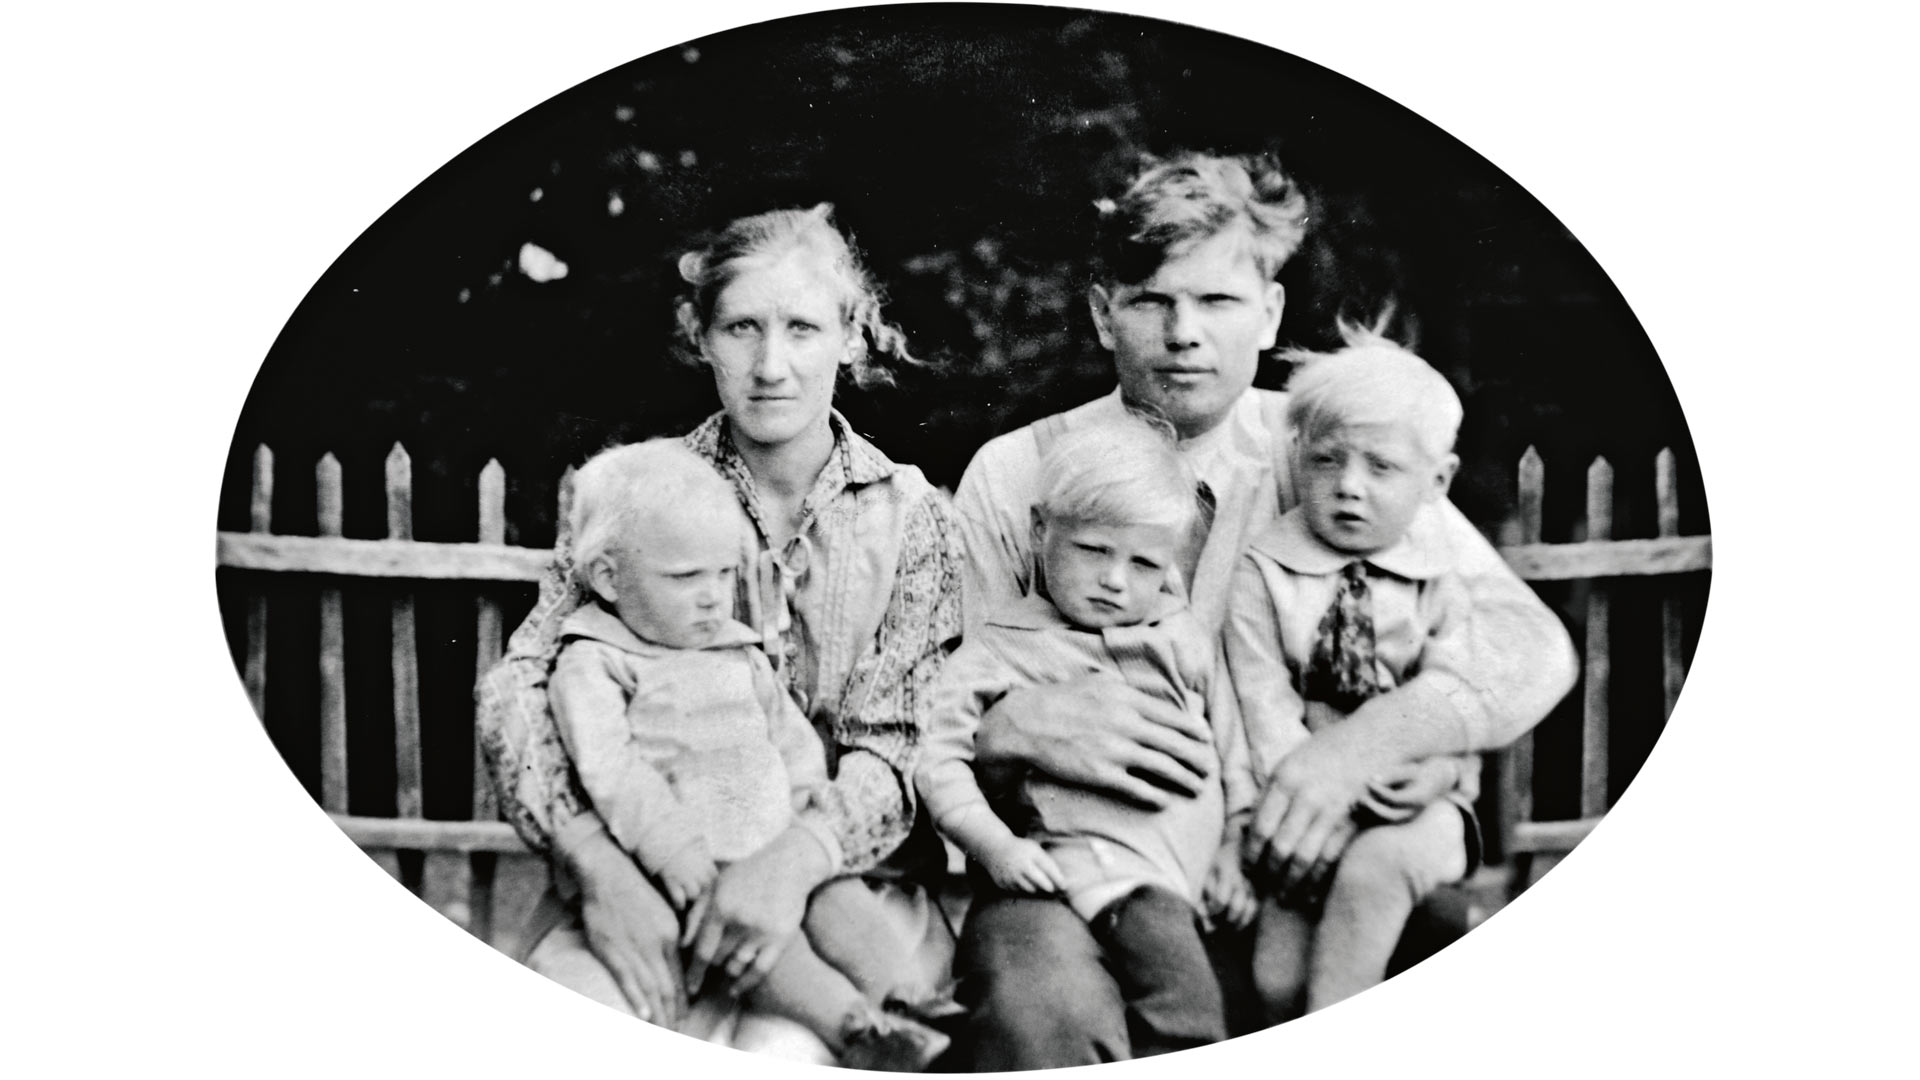 llmari Valto ja talollisen tytär Hilma Mäkelä